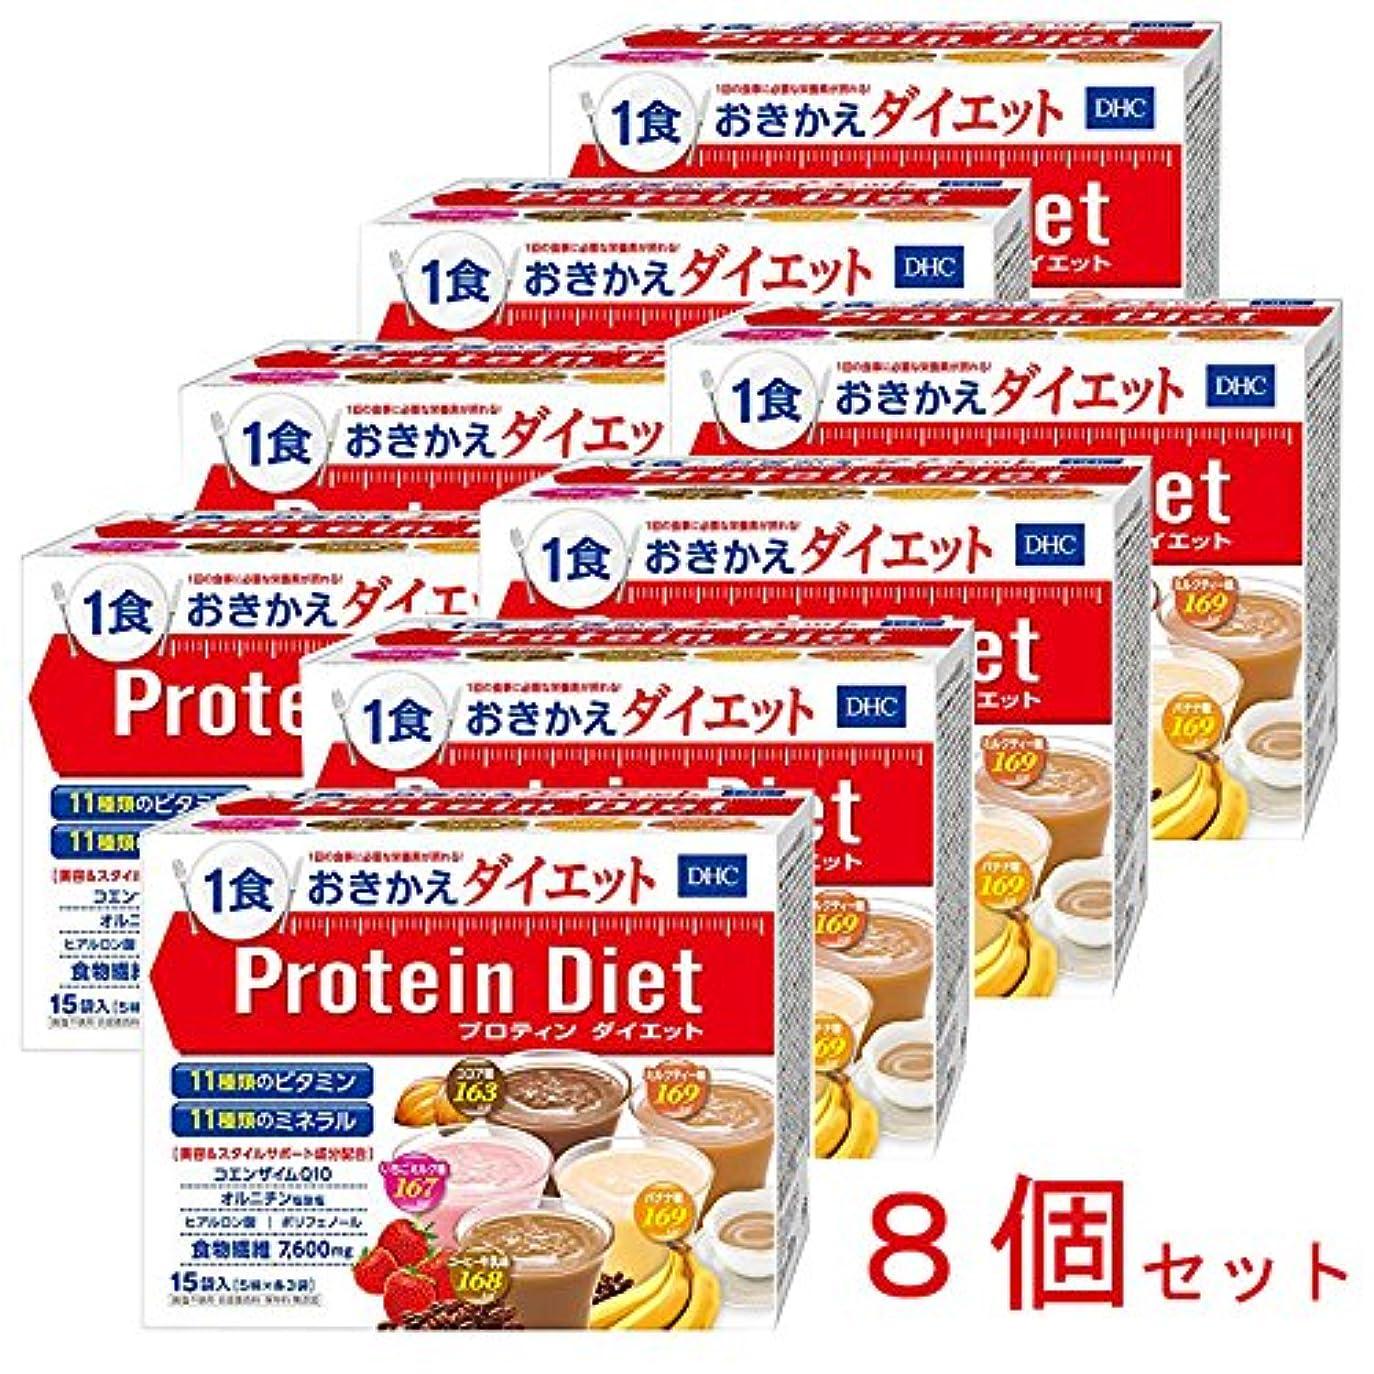 気分軽く絶望DHC プロティンダイエット 1箱15袋入 8箱セット 1食169kcal以下&栄養バッチリ! リニューアル